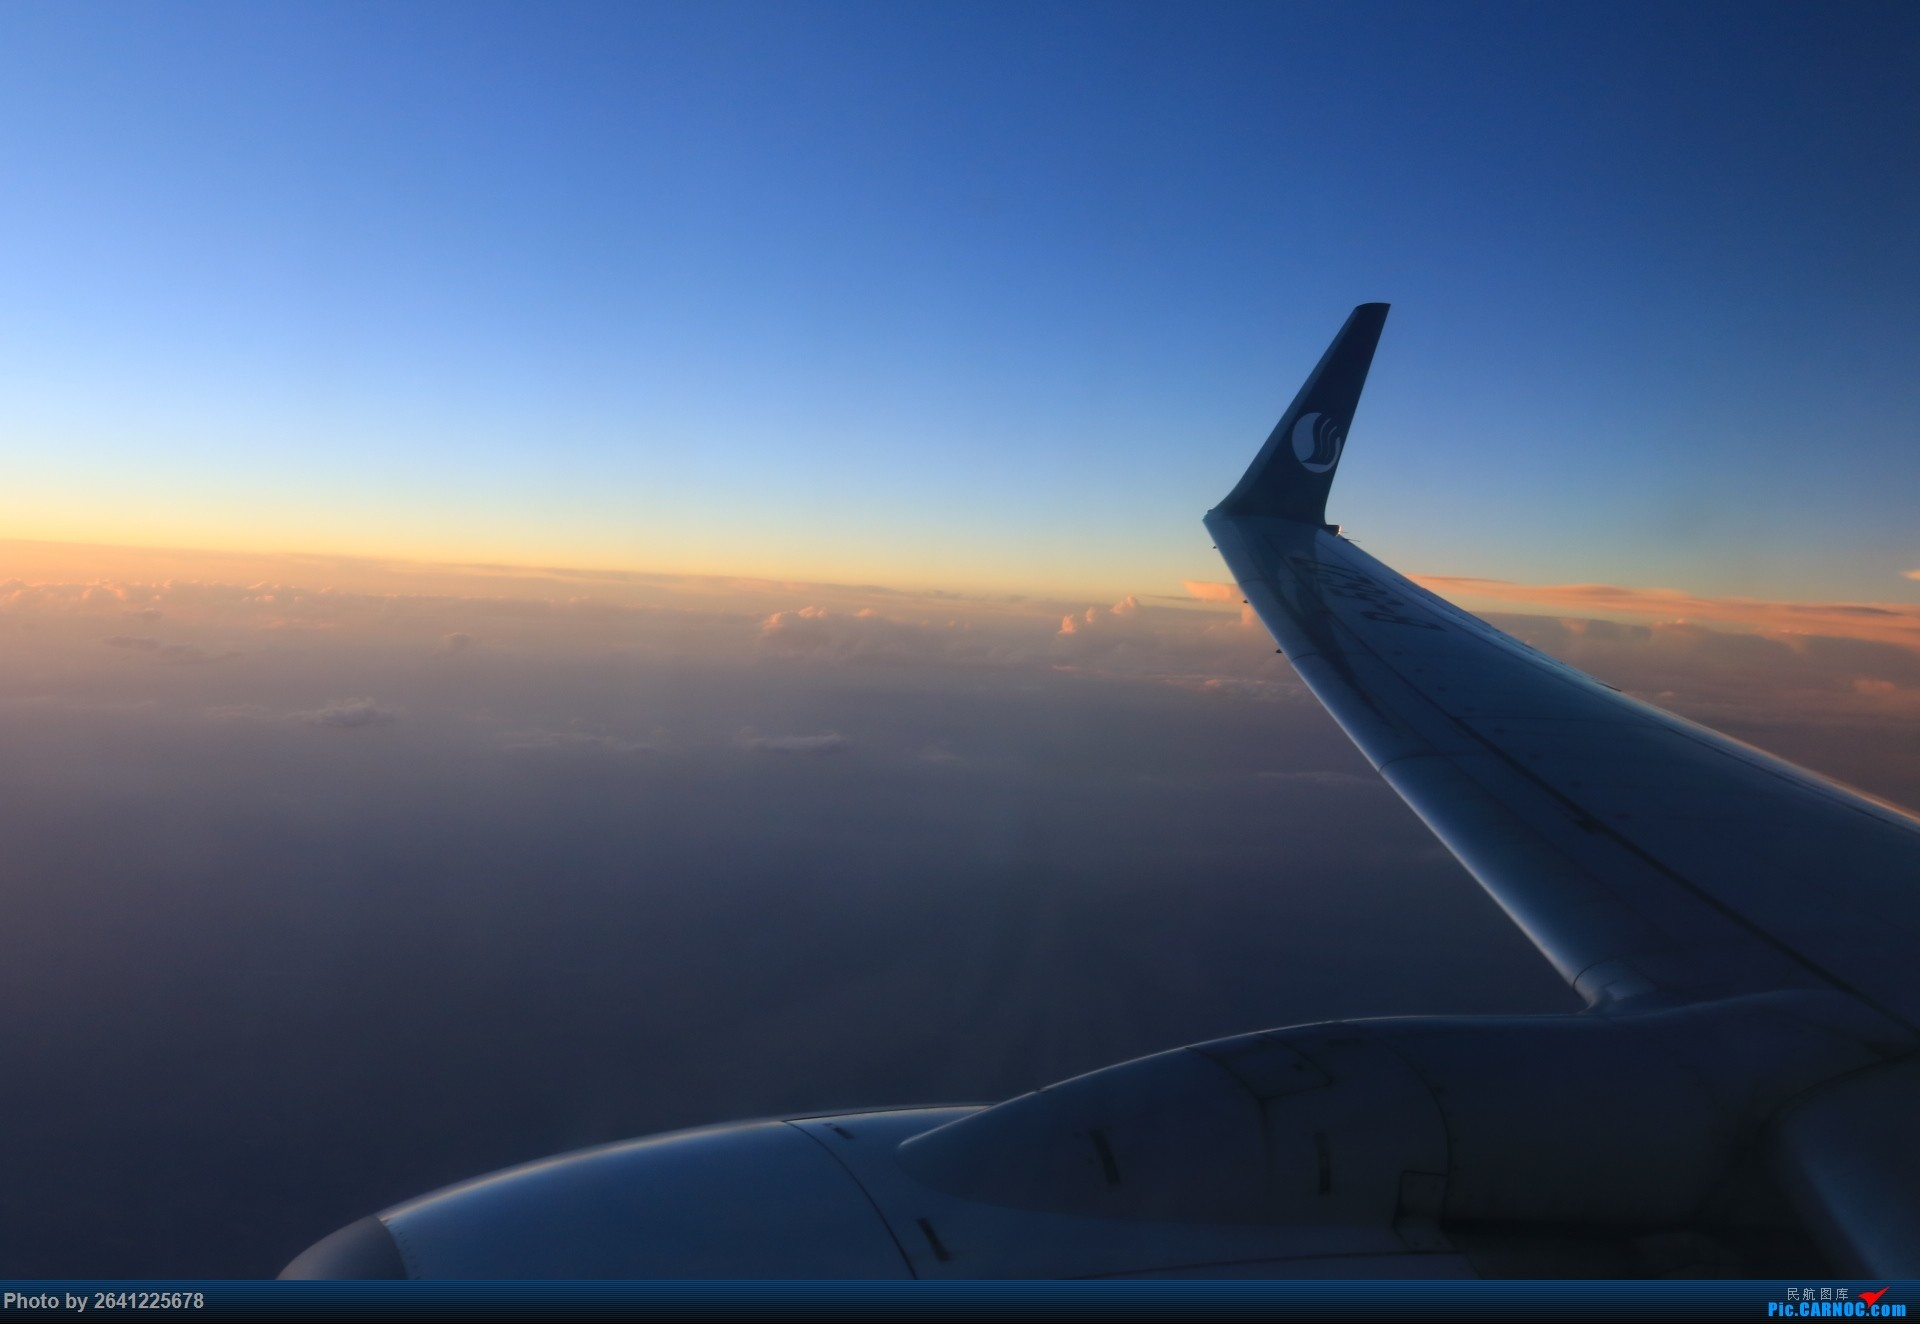 Re:[原创]【小周游记第3集】草原茫茫天地间,洁白的蒙古包散落在河边——内蒙古5天4飞半自由行(宽体与支线客机初体验)有flight log和驾驶舱哦(正在更新)